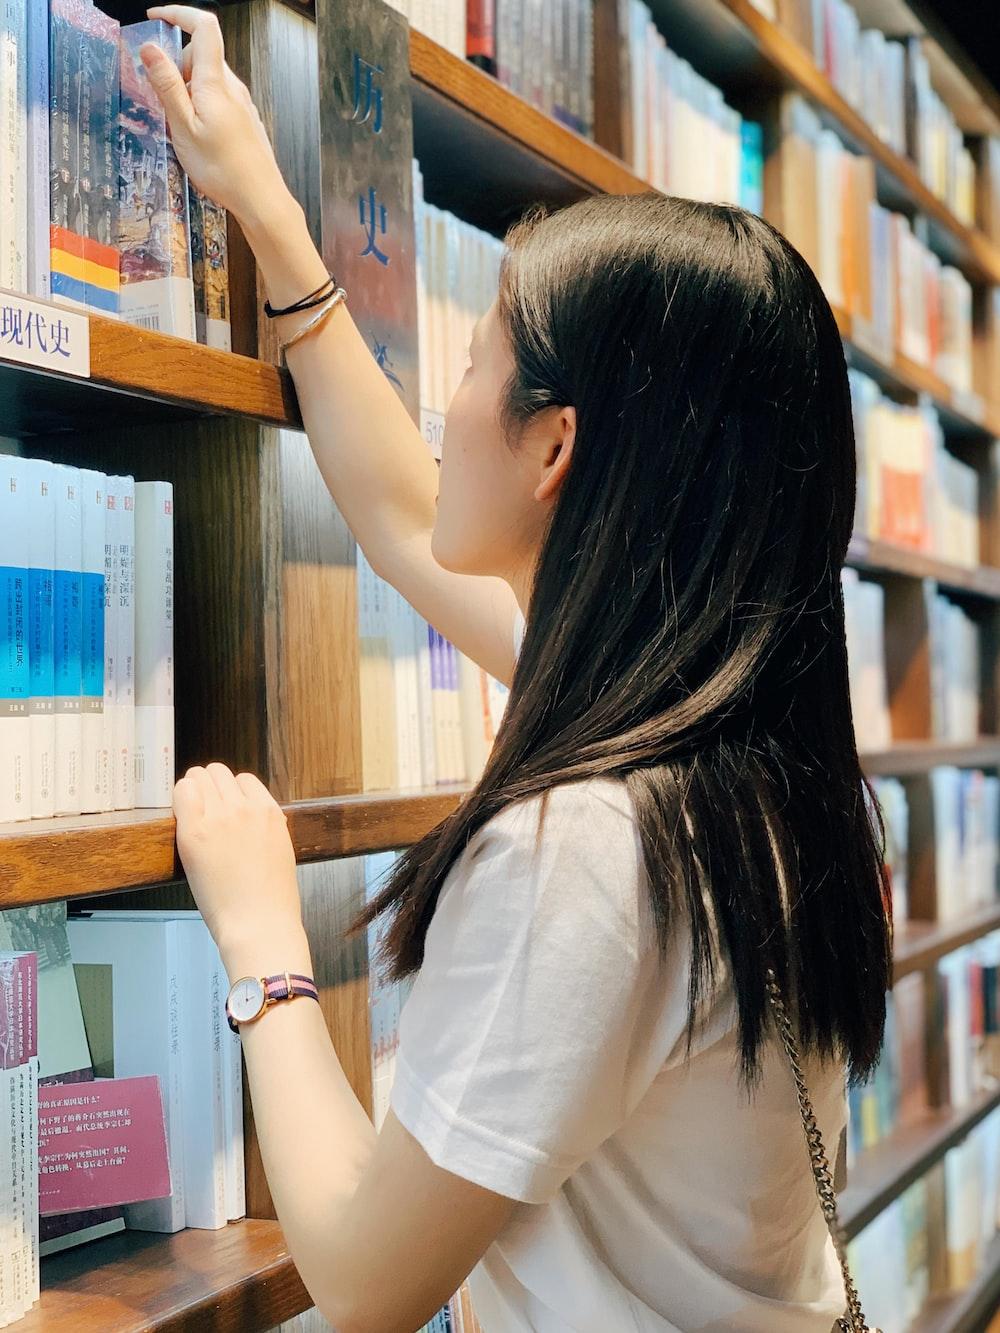 woman wearing white crew-neck shirt picking on book